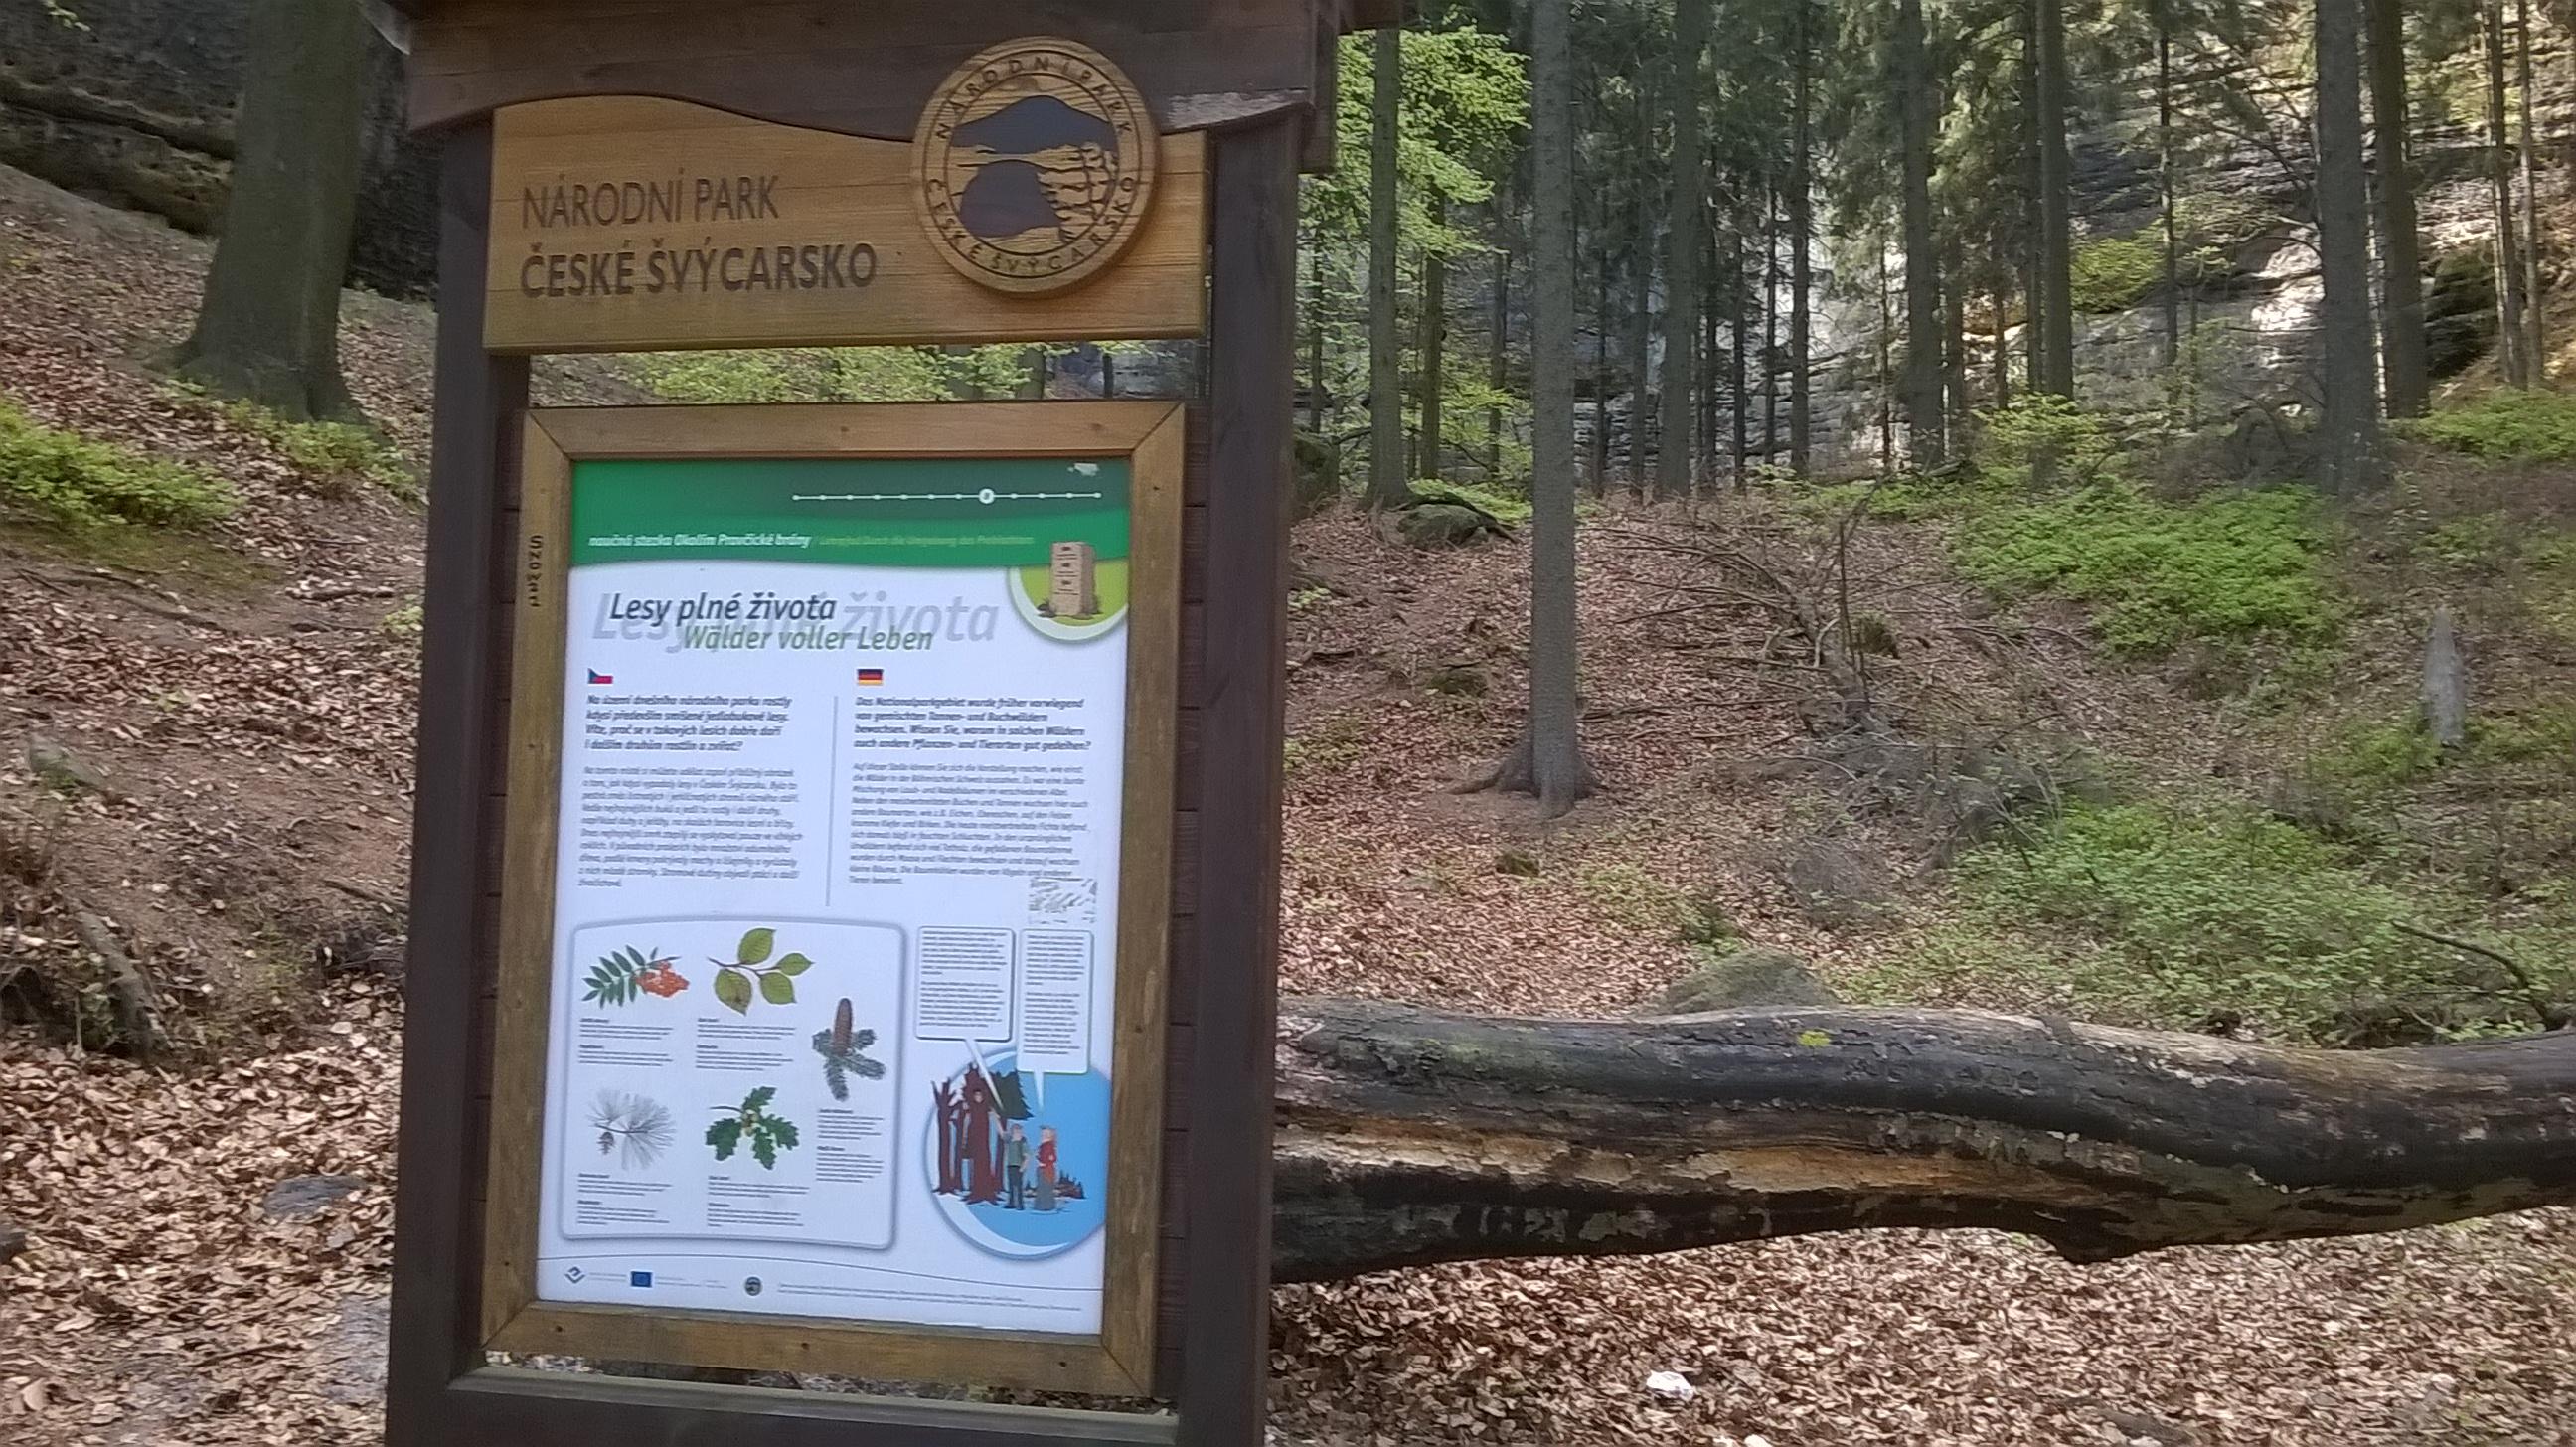 Narodni Park Ceske Svycarsko